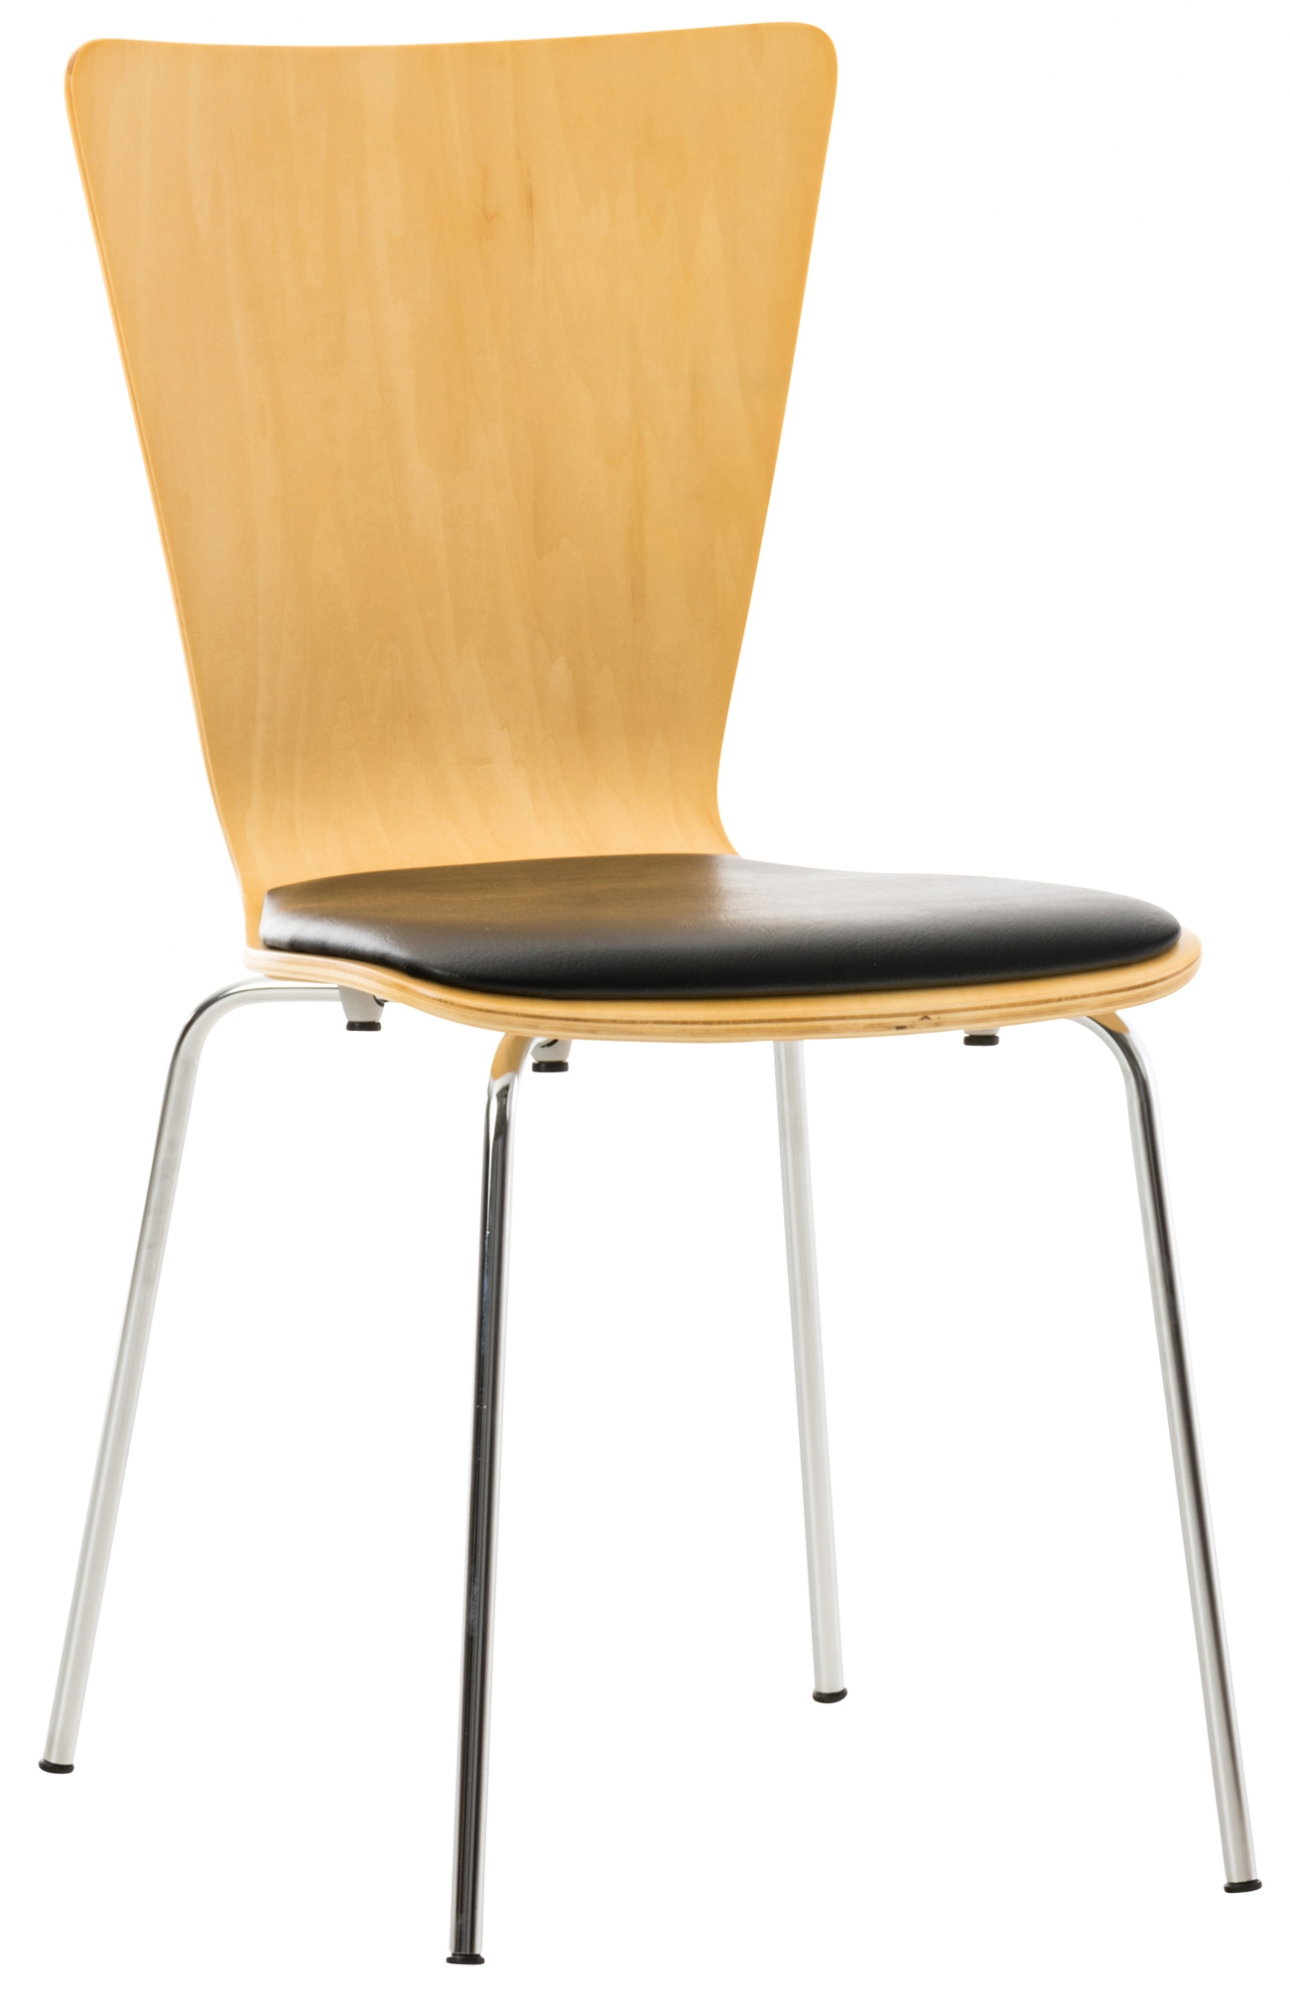 Překližková jídelní židle Jacob, buk/černá